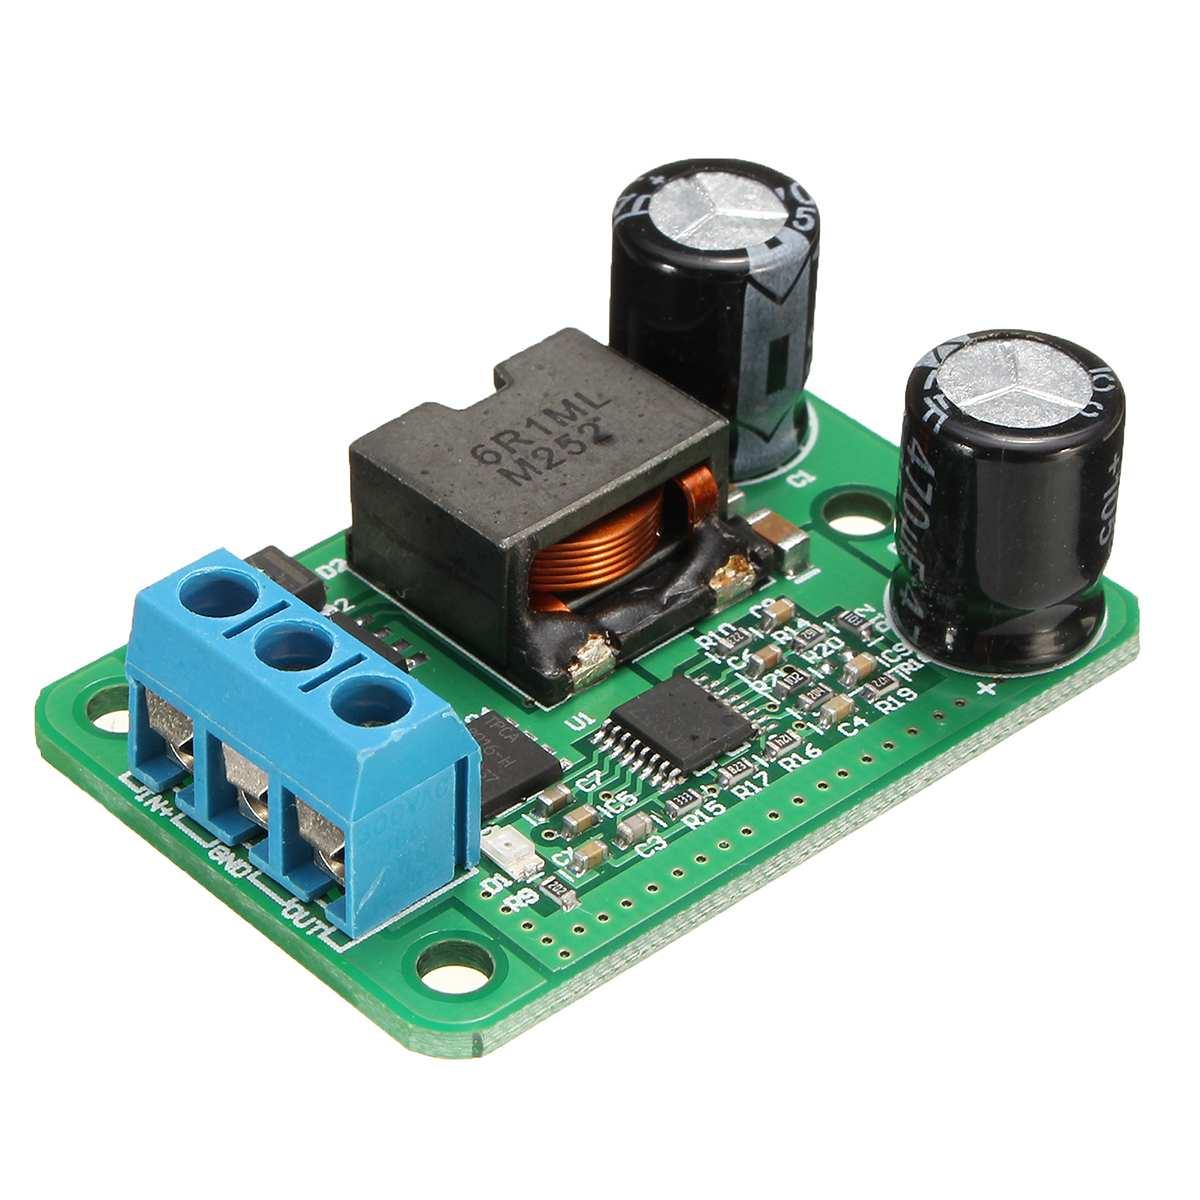 CLAITE 1pc 24V/12V To 5V/5A DC-DC Step Down Power Supply Converter Buck Module 9V to 35V 25W